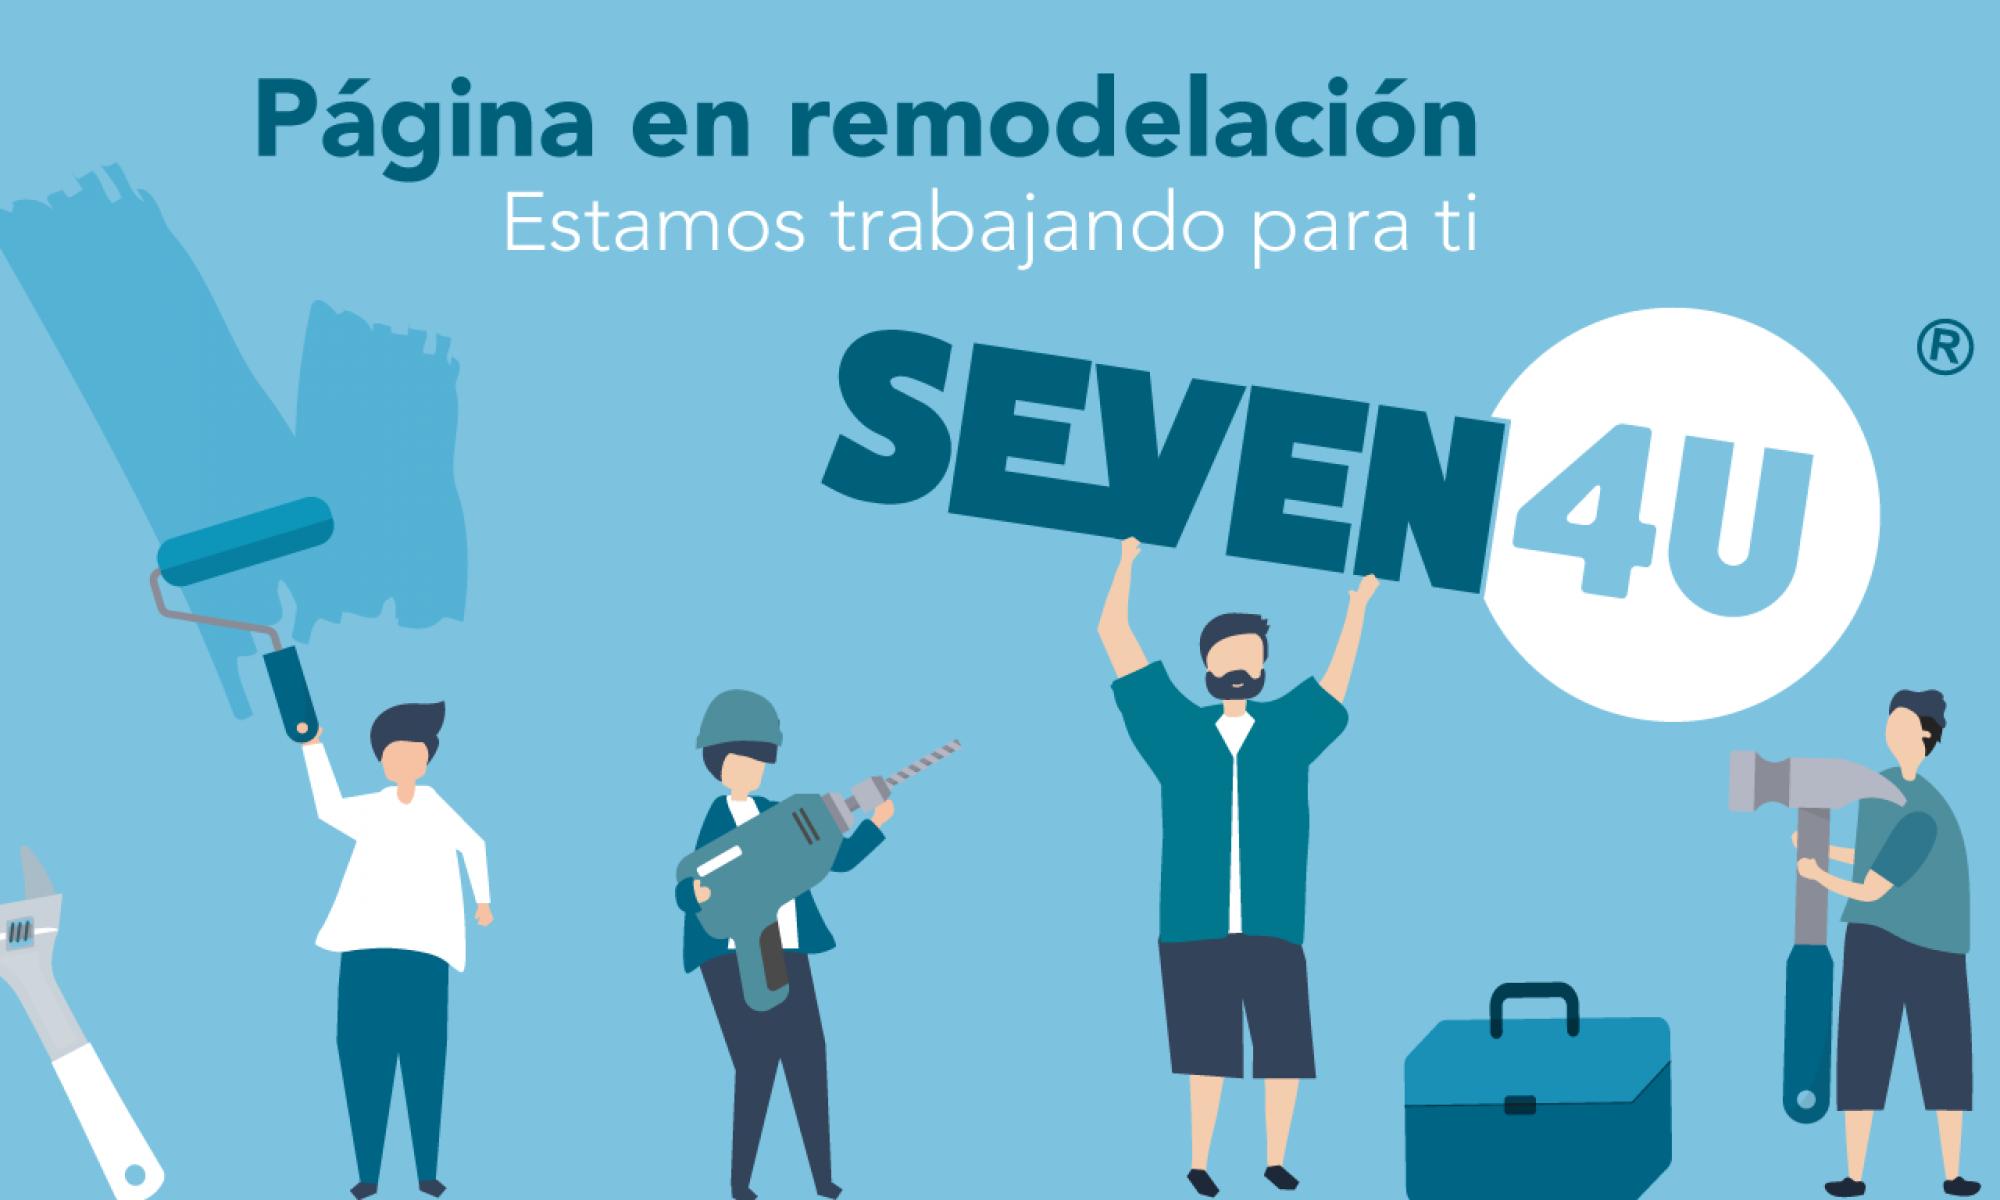 Seven4u